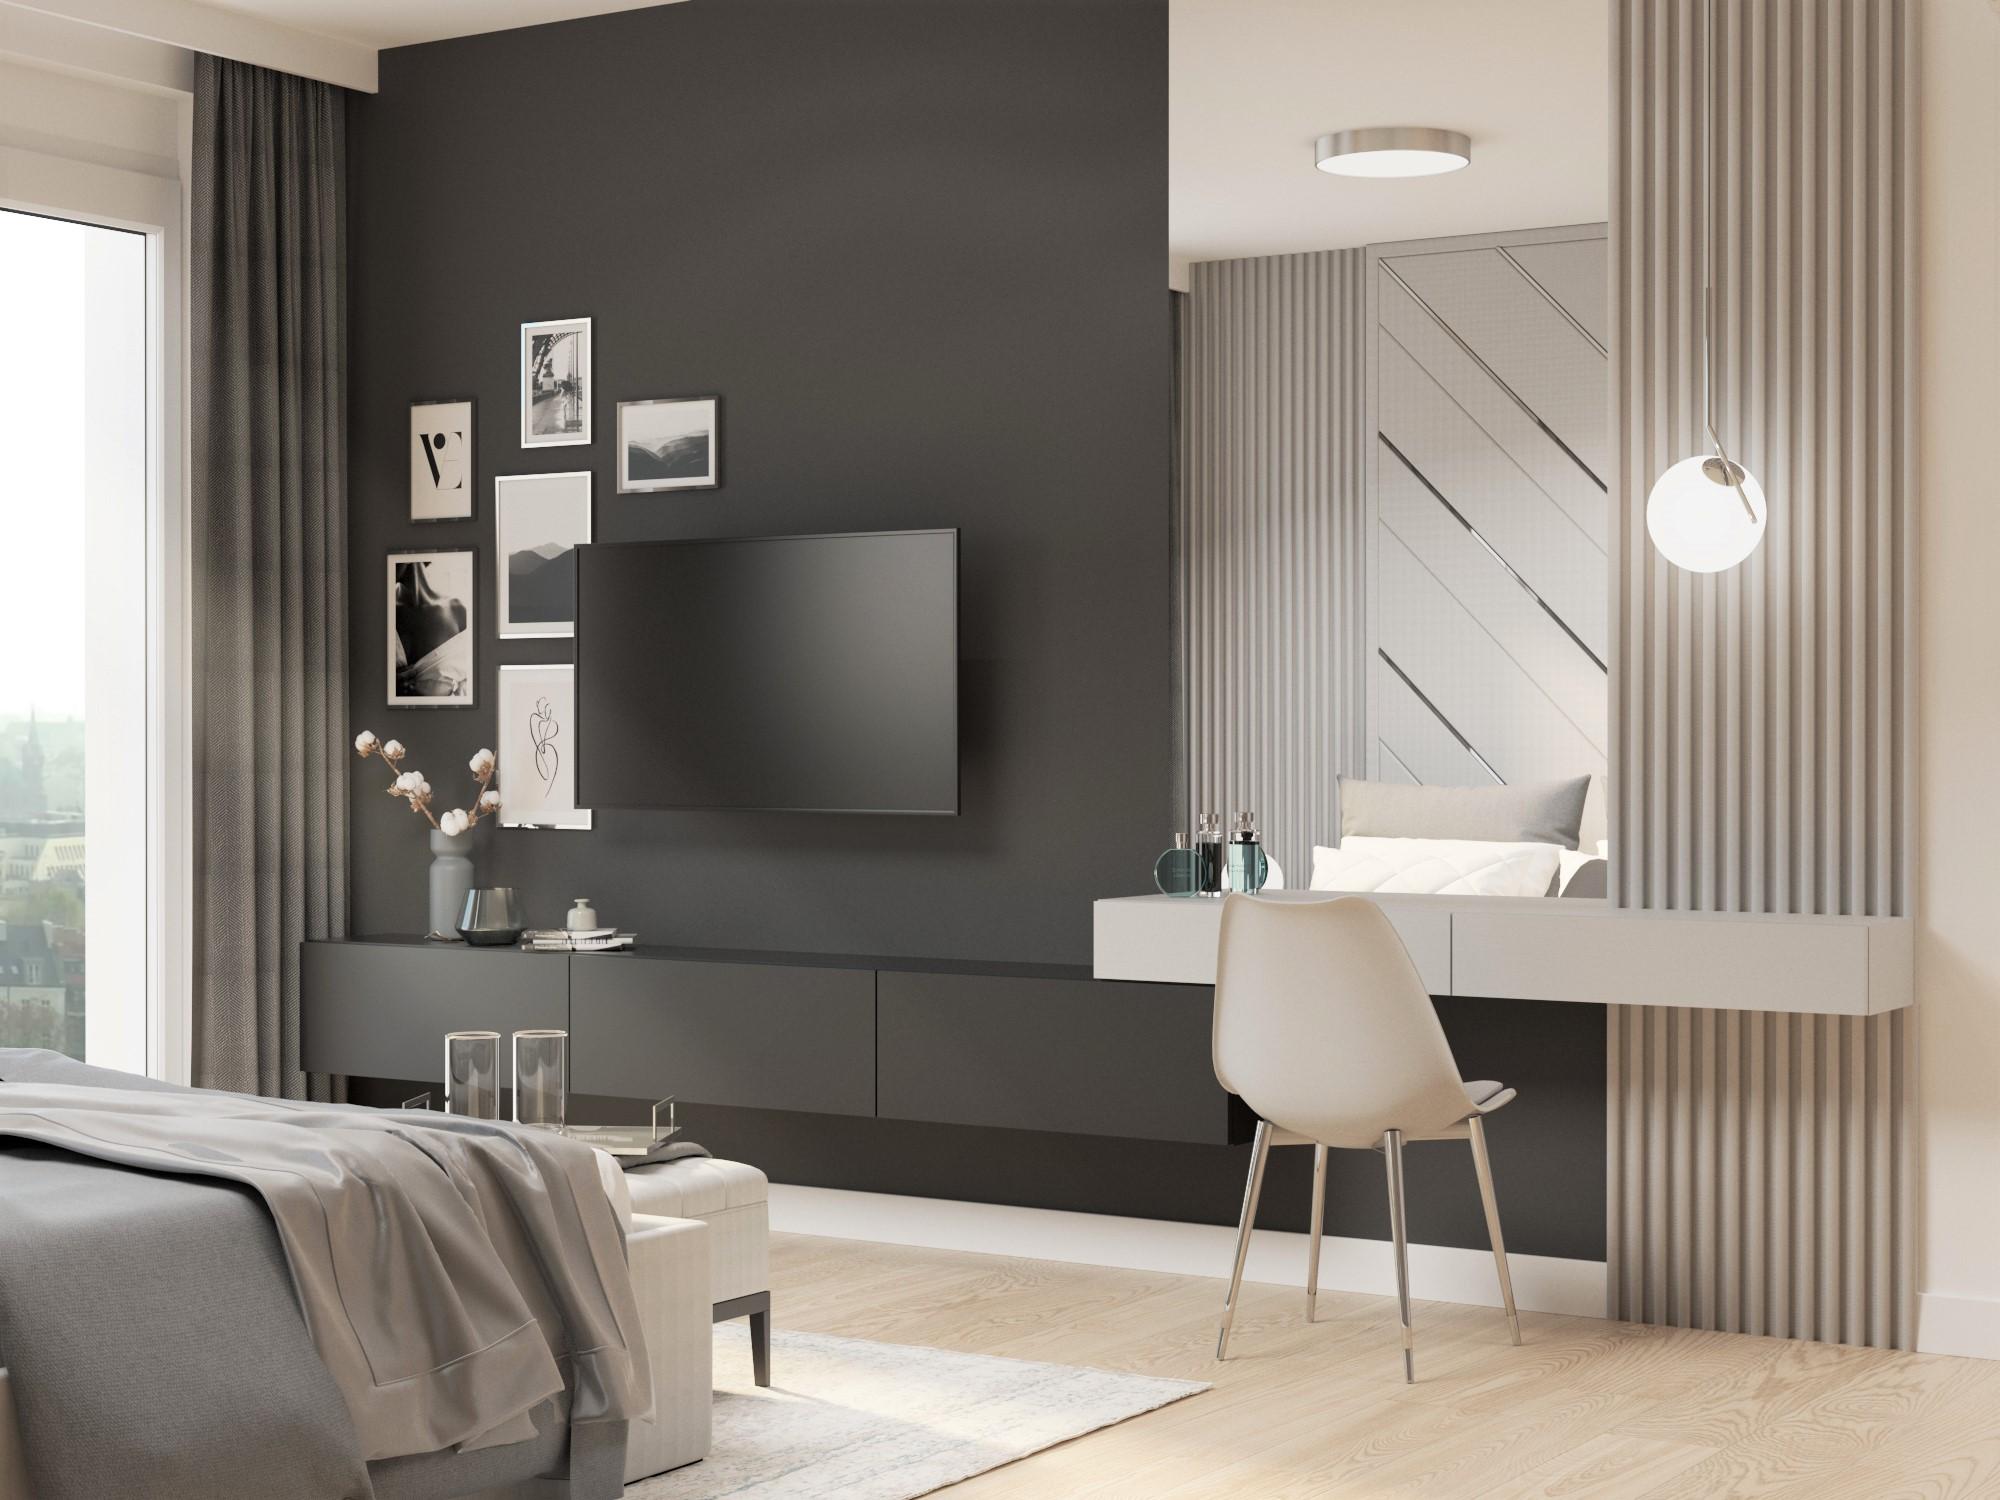 toaletka_sciana z tv_czarna sciana_ciemnasciana w sypialni